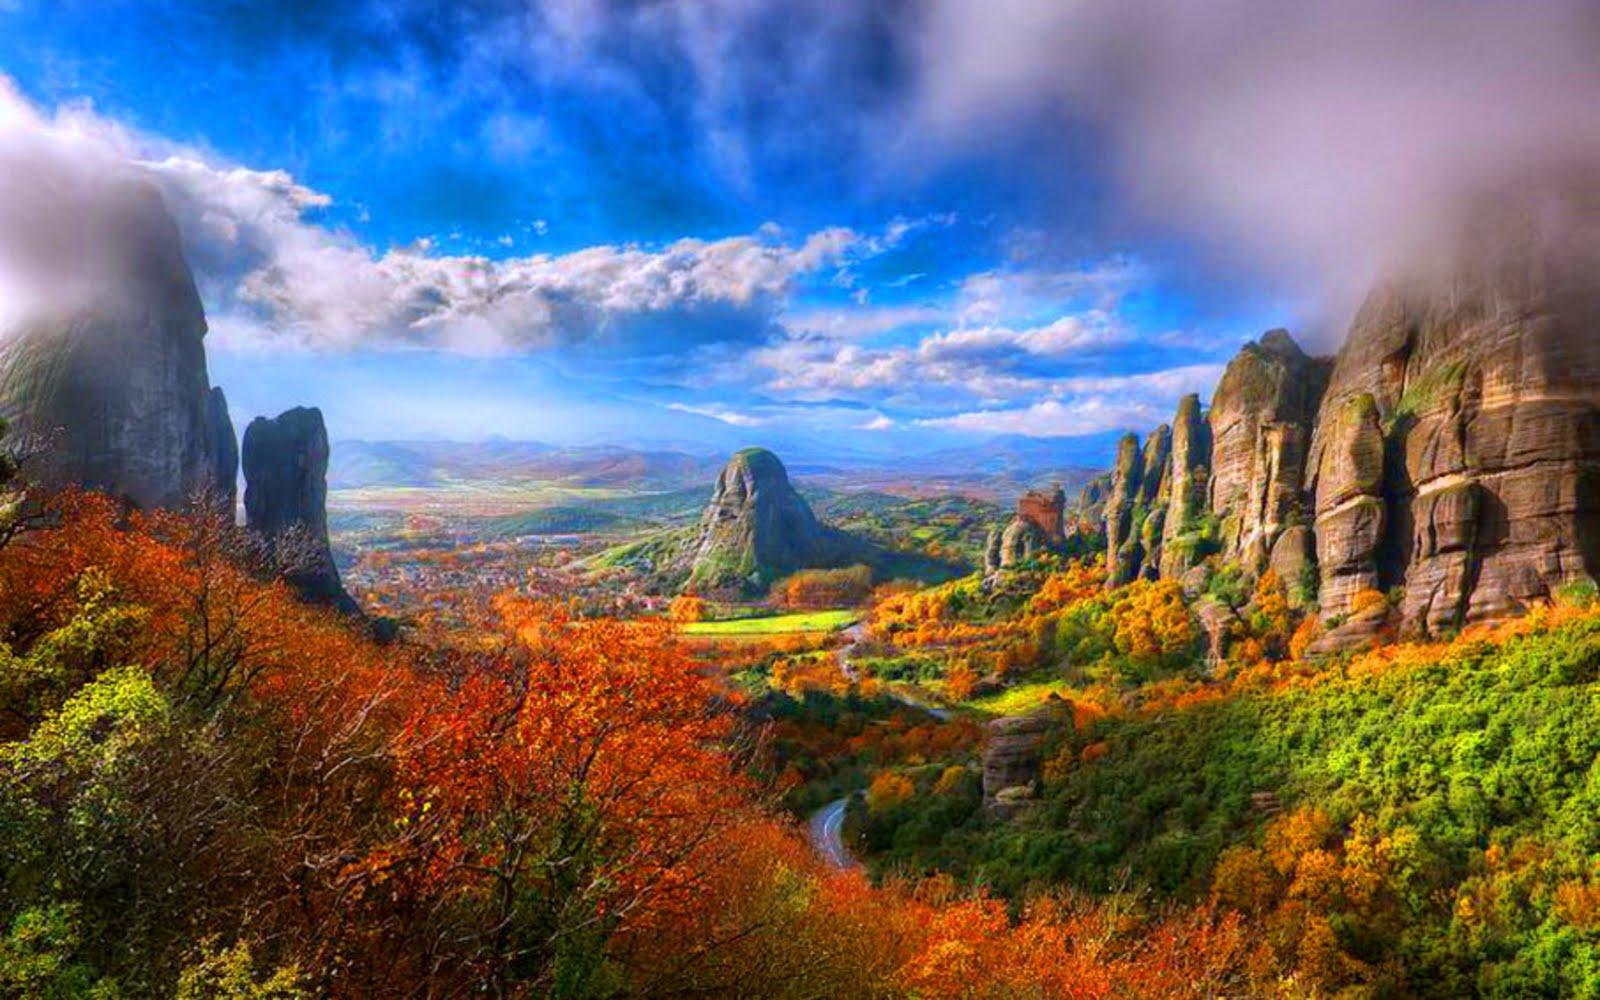 autnumn landscape 5 Yüksek Çözünürlüklü HD Duvar Kağıdı Resimleri